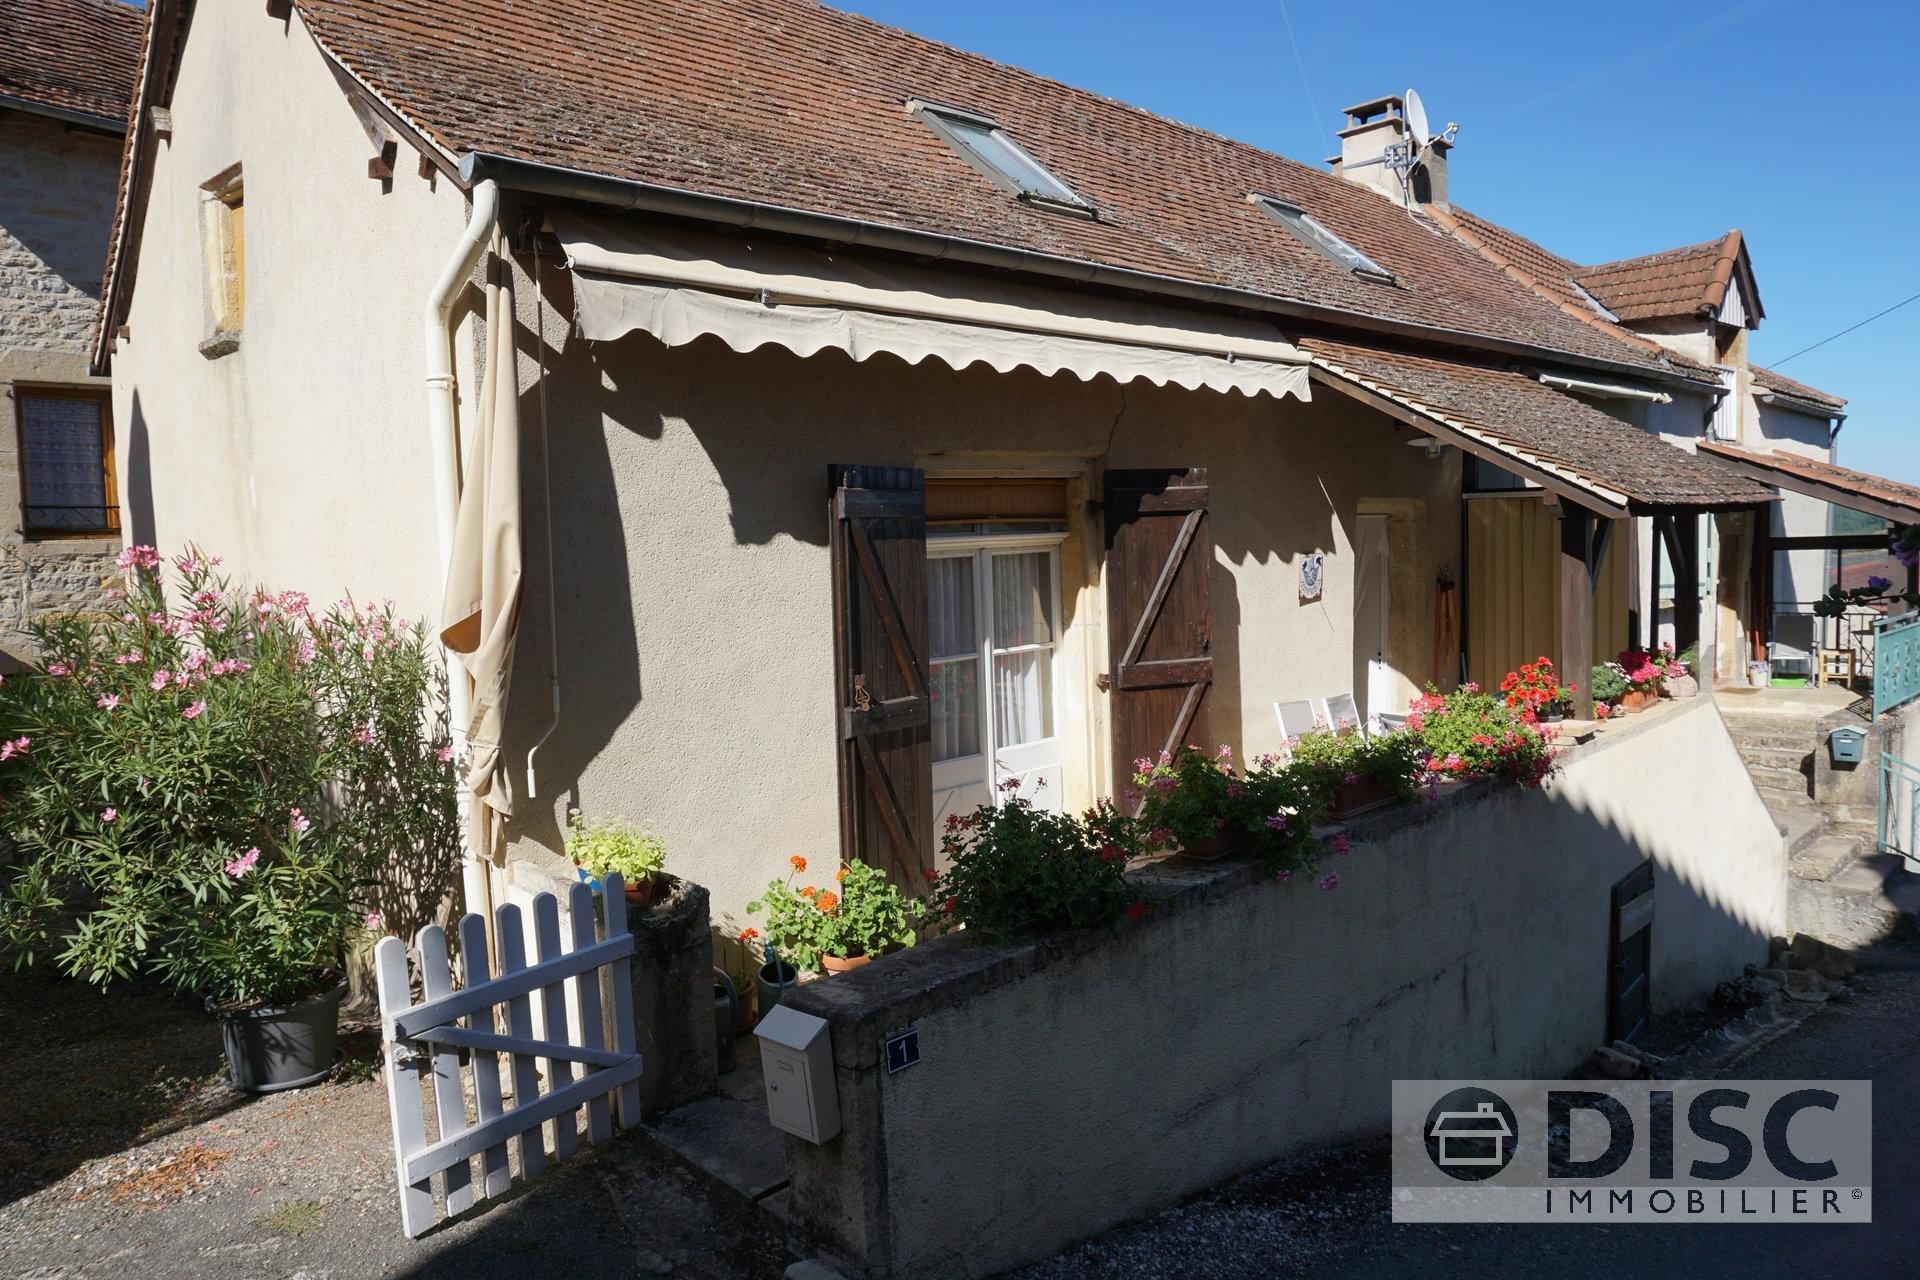 Dorpshuis met tuin, garage en bijgebouw.